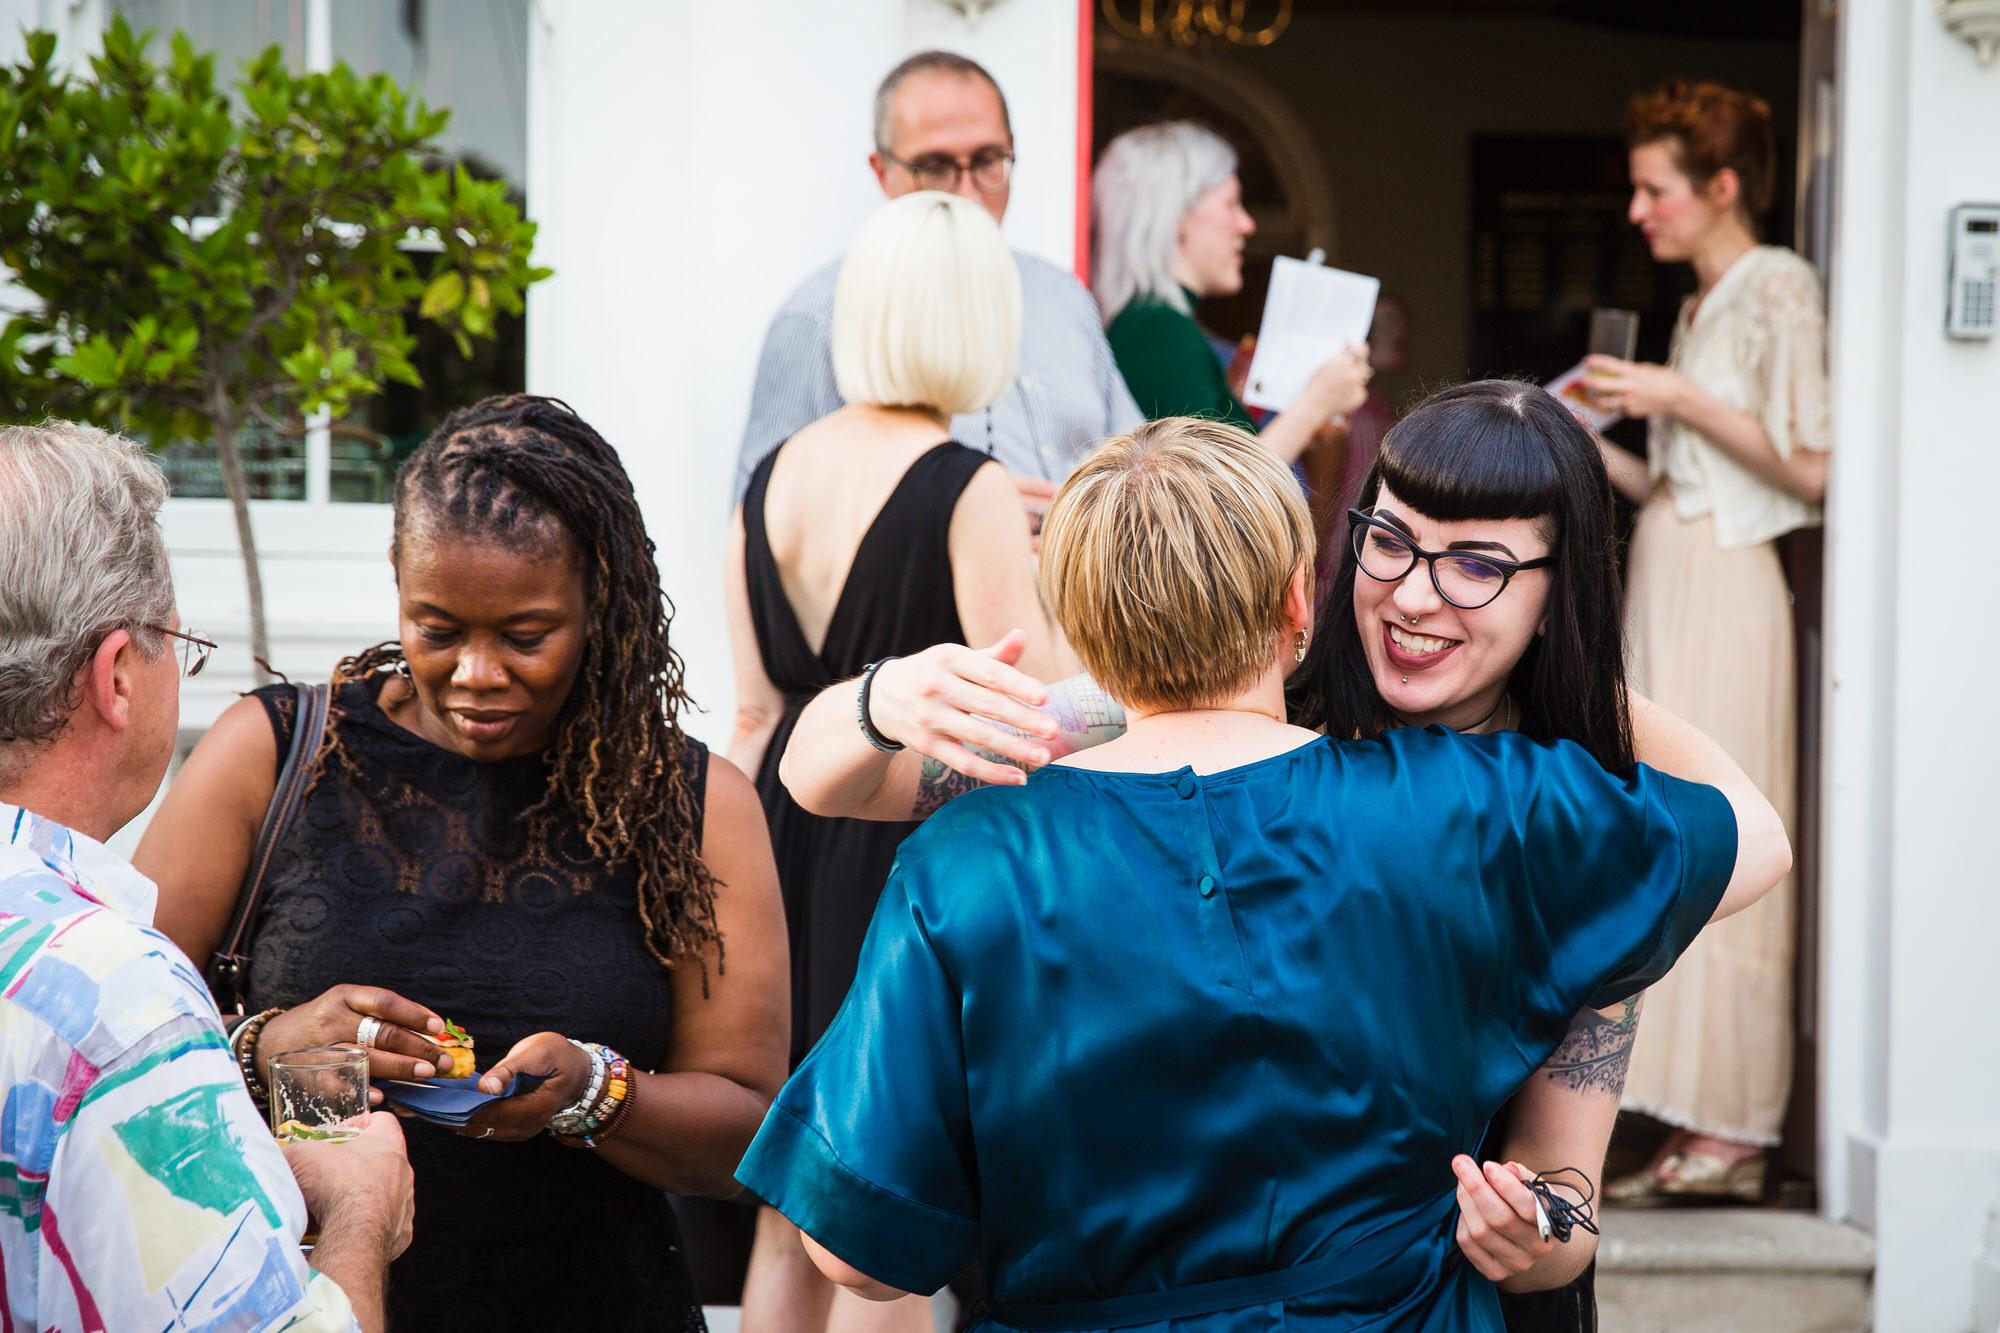 Poetic Endings Summer Party 2019 in London